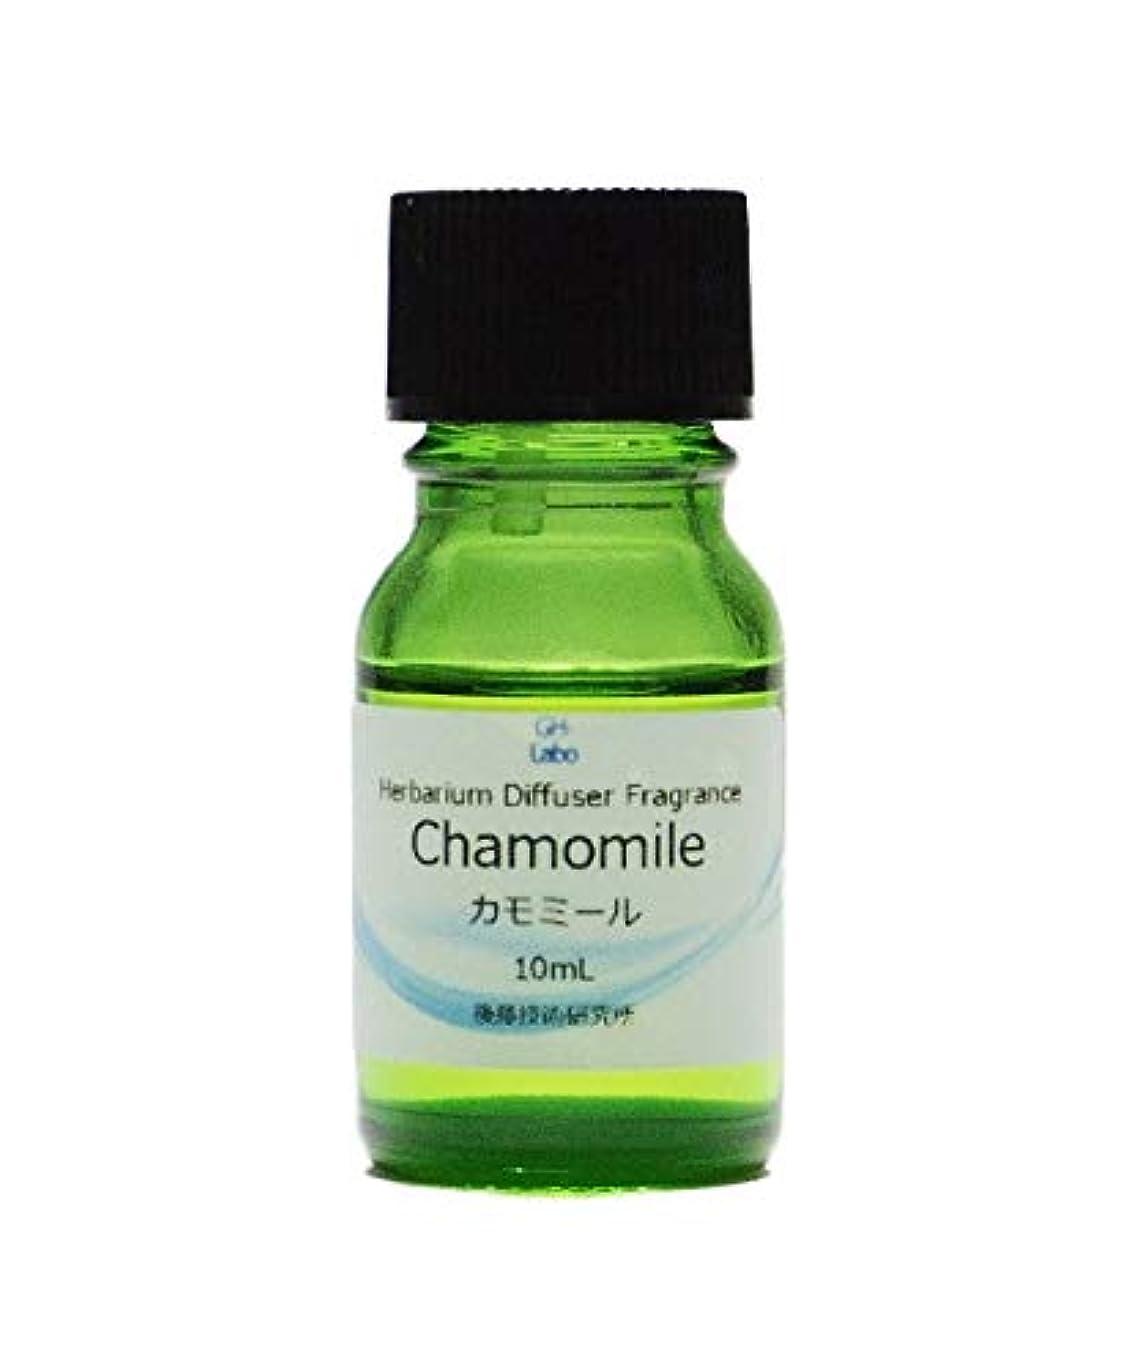 予備求人贈り物カモミール フレグランス 香料 ディフューザー ハーバリウム アロマオイル 手作り 化粧品